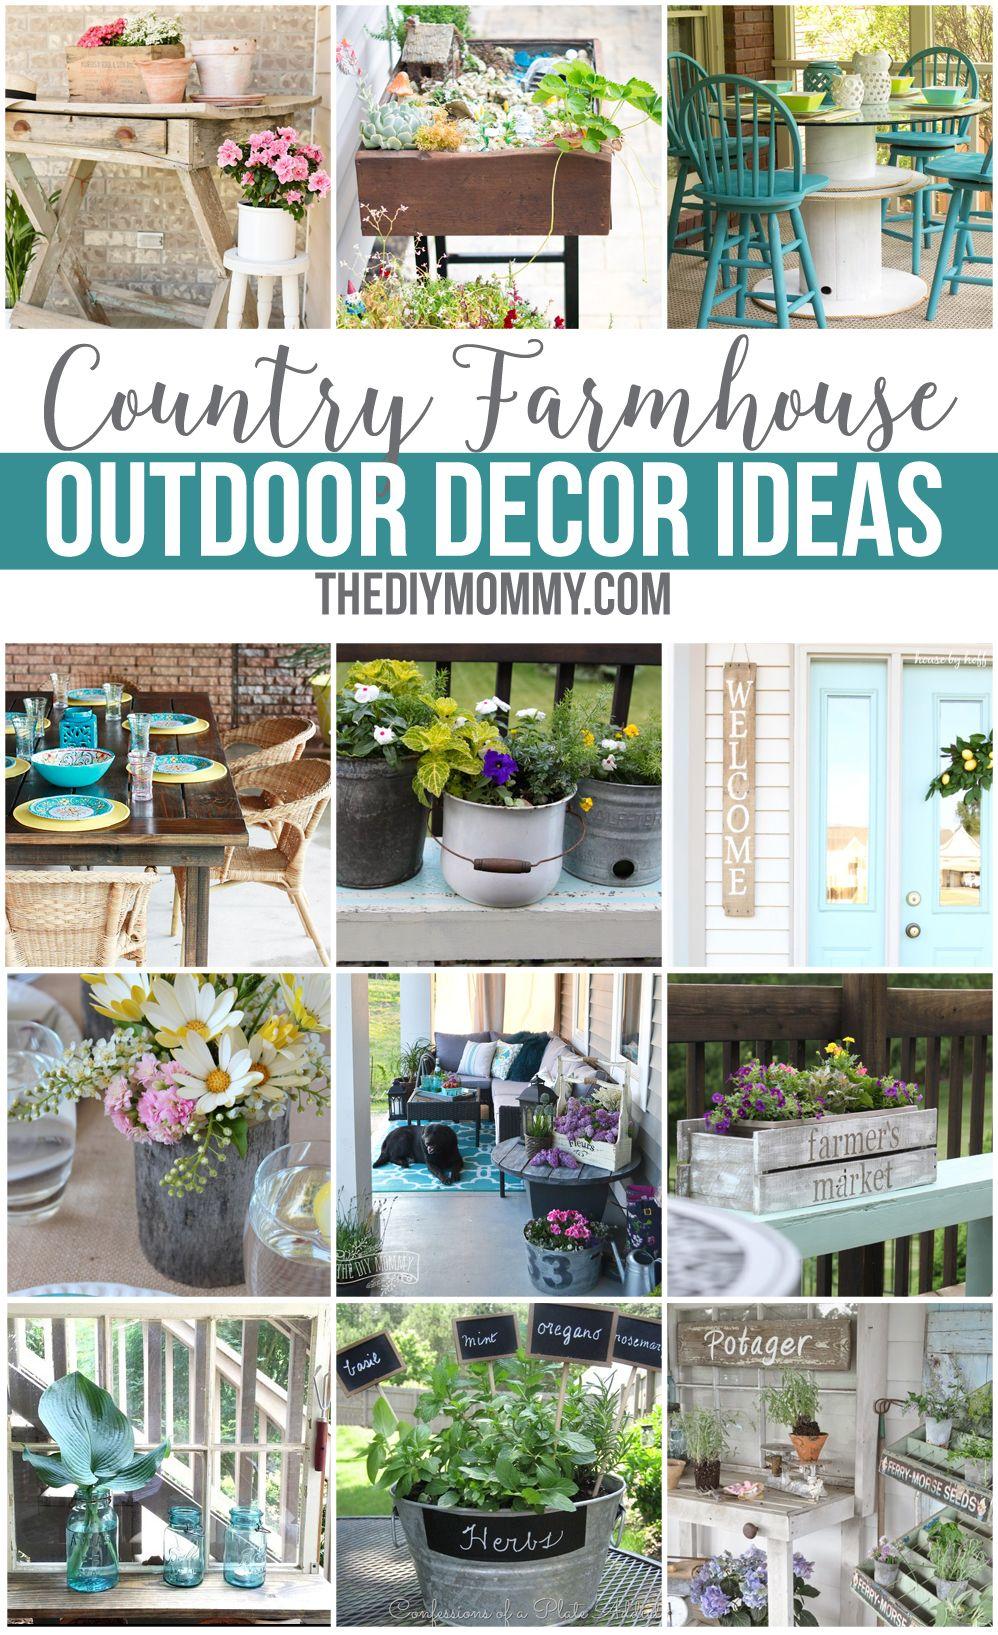 Outdoor decor diy - Gorgeous Country Farmhouse Outdoor Decor Diy Ideas For Your Patio Deck Garden And